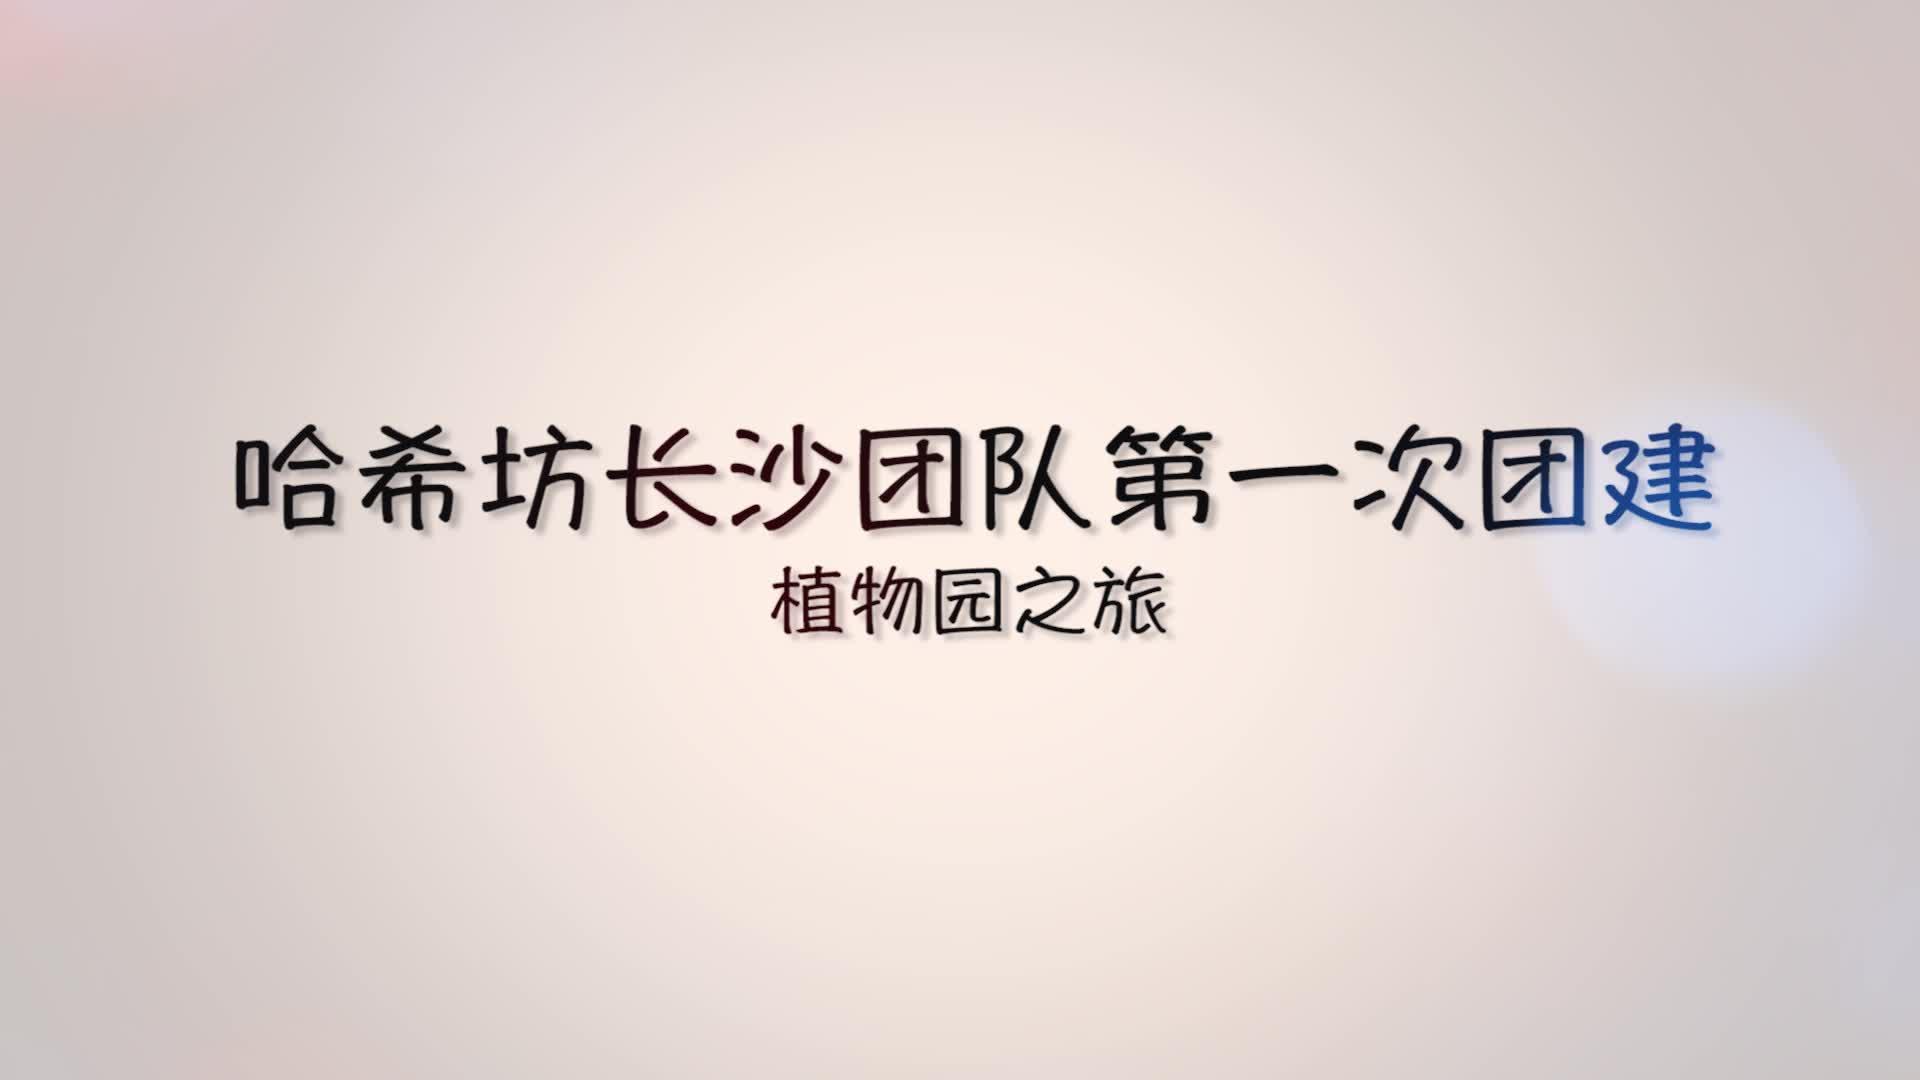 【团建】2020-03-25 长沙团队第一次团建视频